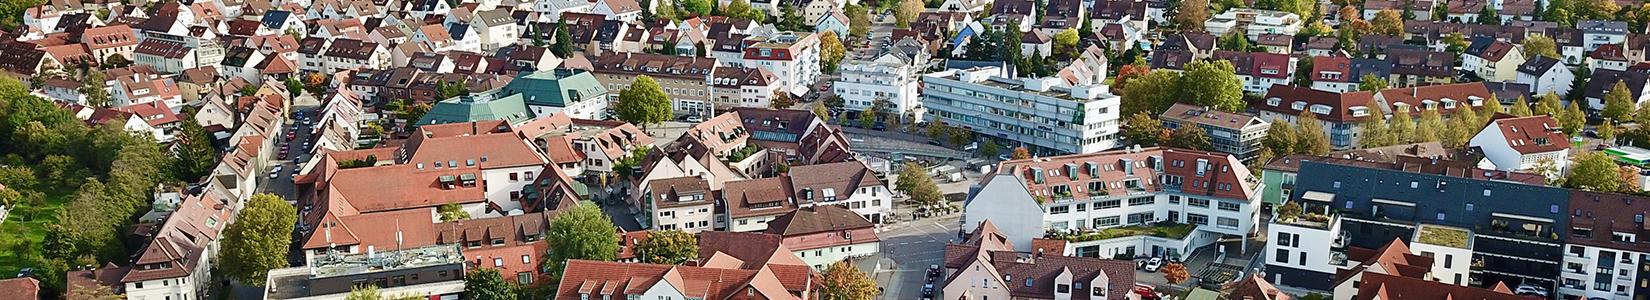 Weilimdorf heute - das Zentrum. Foto: Hans-Martin Goede